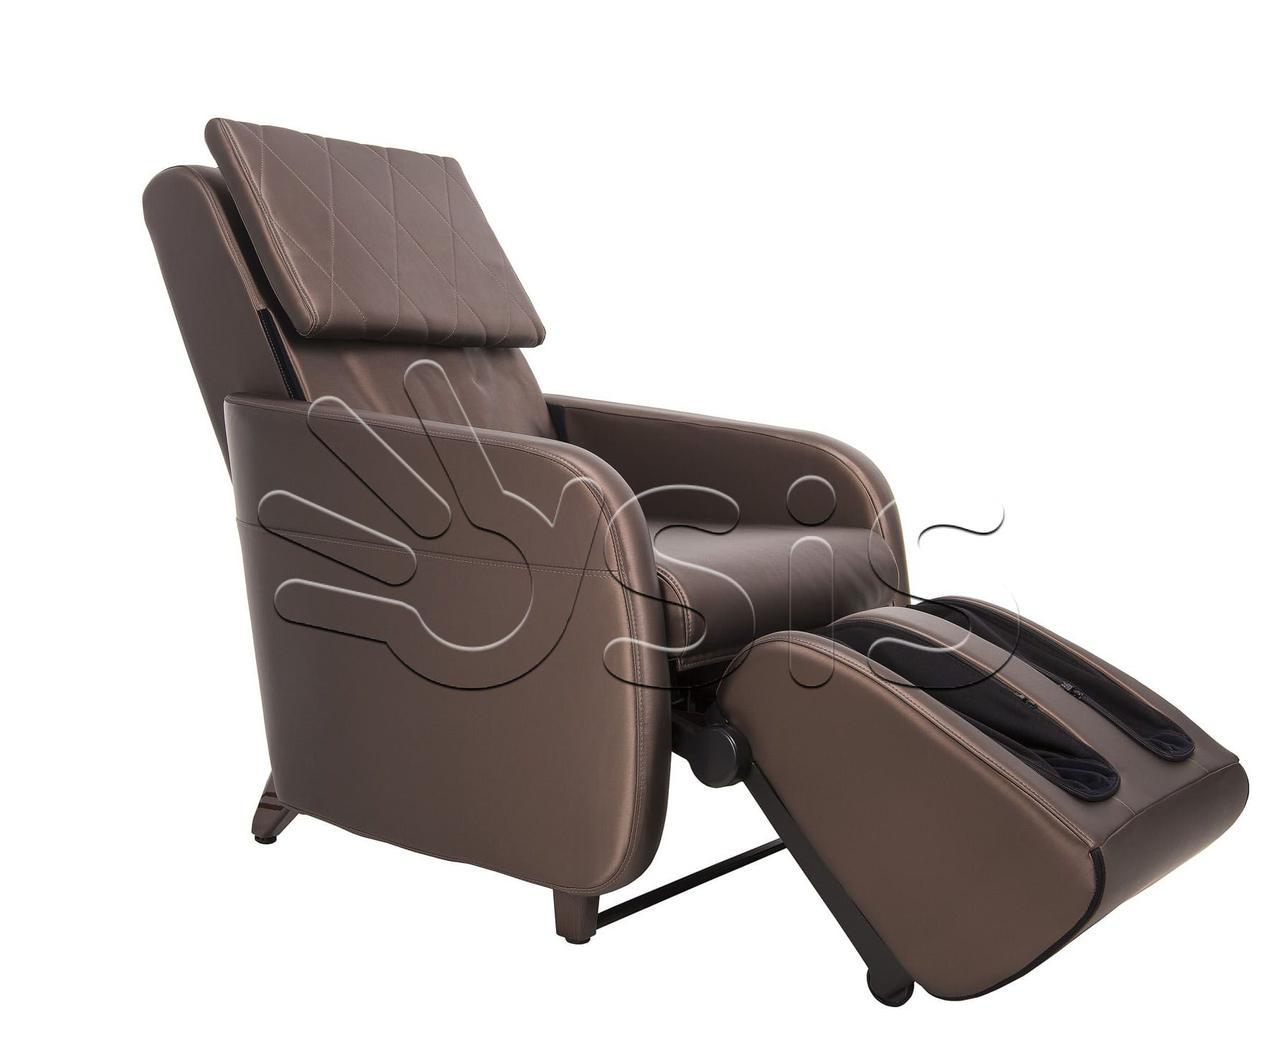 Массажное кресло-софа трансформер OSIM uAngel коричневый